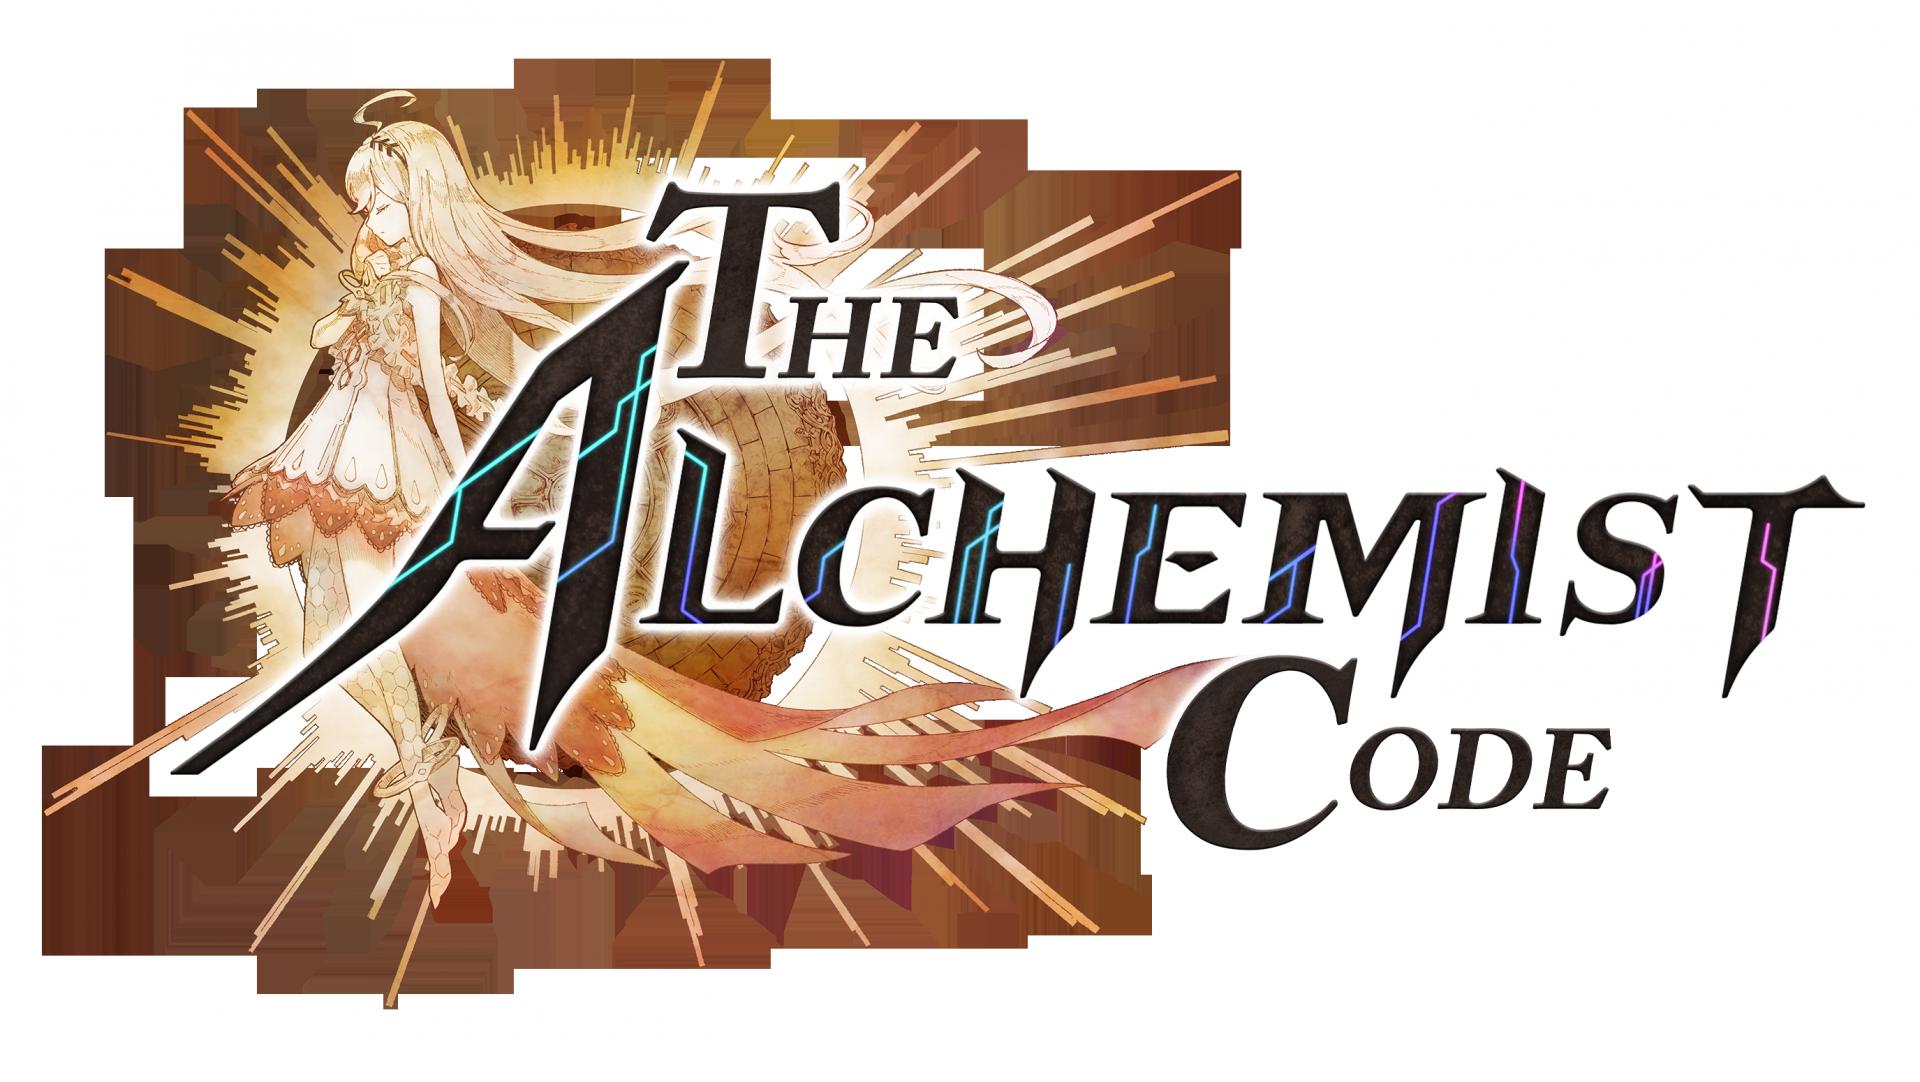 Pelin tarkistus: ALCHEMIST-KOODI